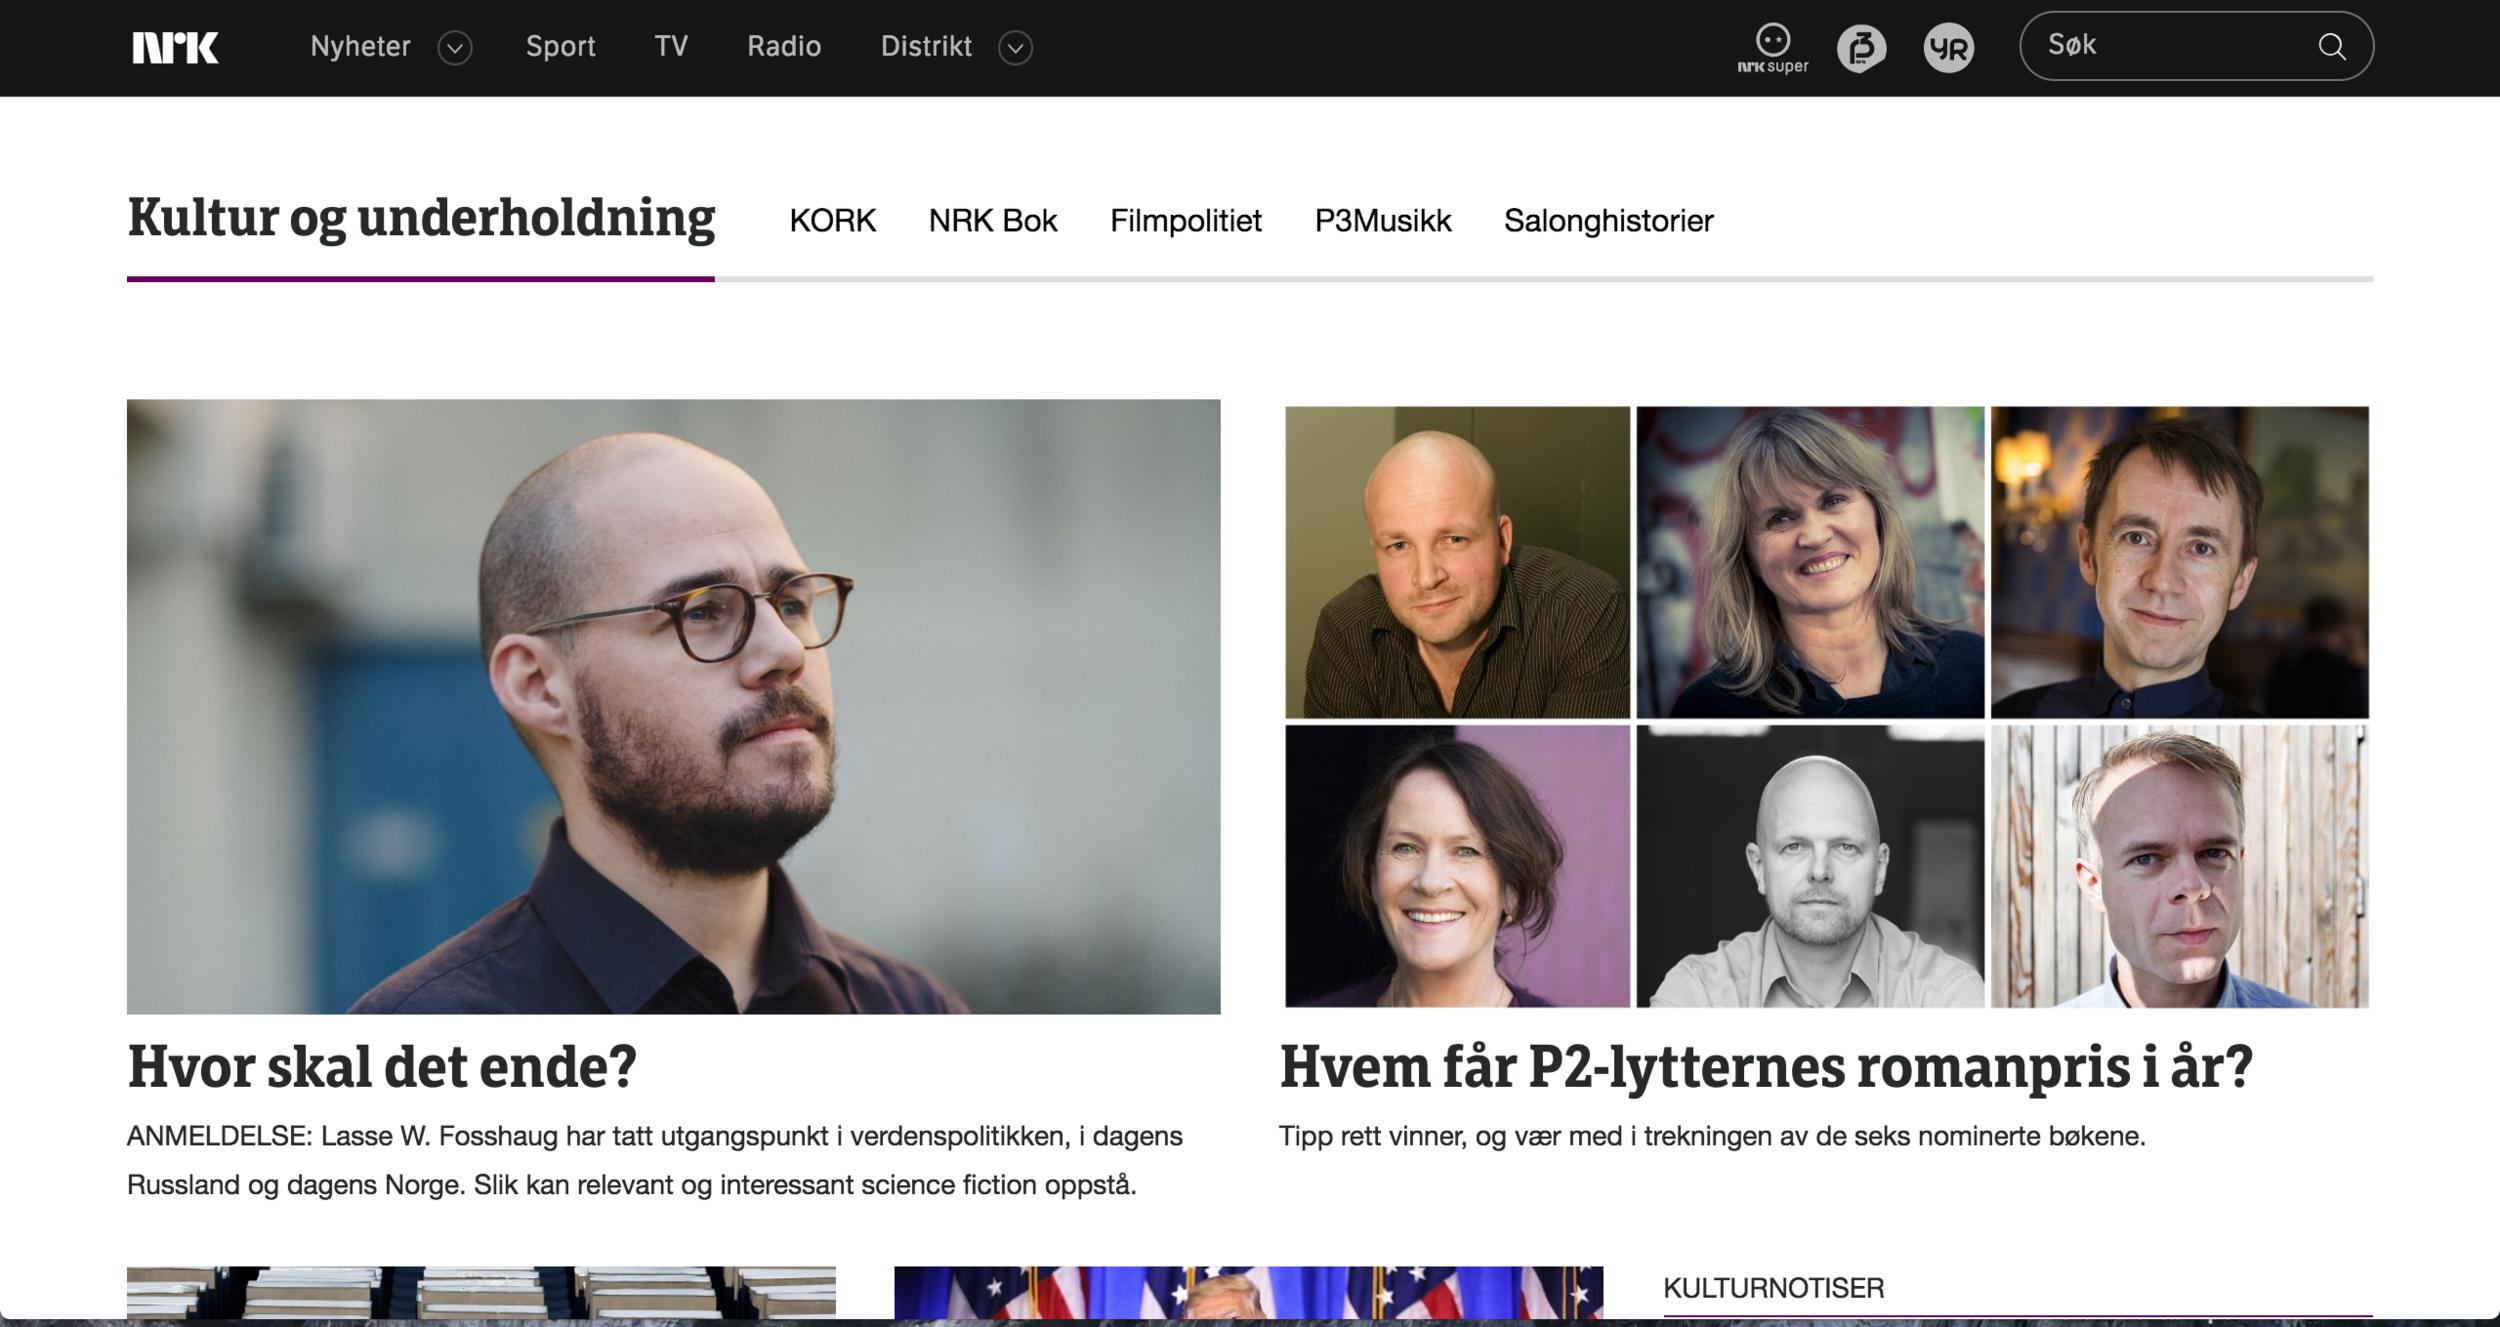 Leif Ekles anmeldelse på NRK.no - klikk på bildet for å lese.